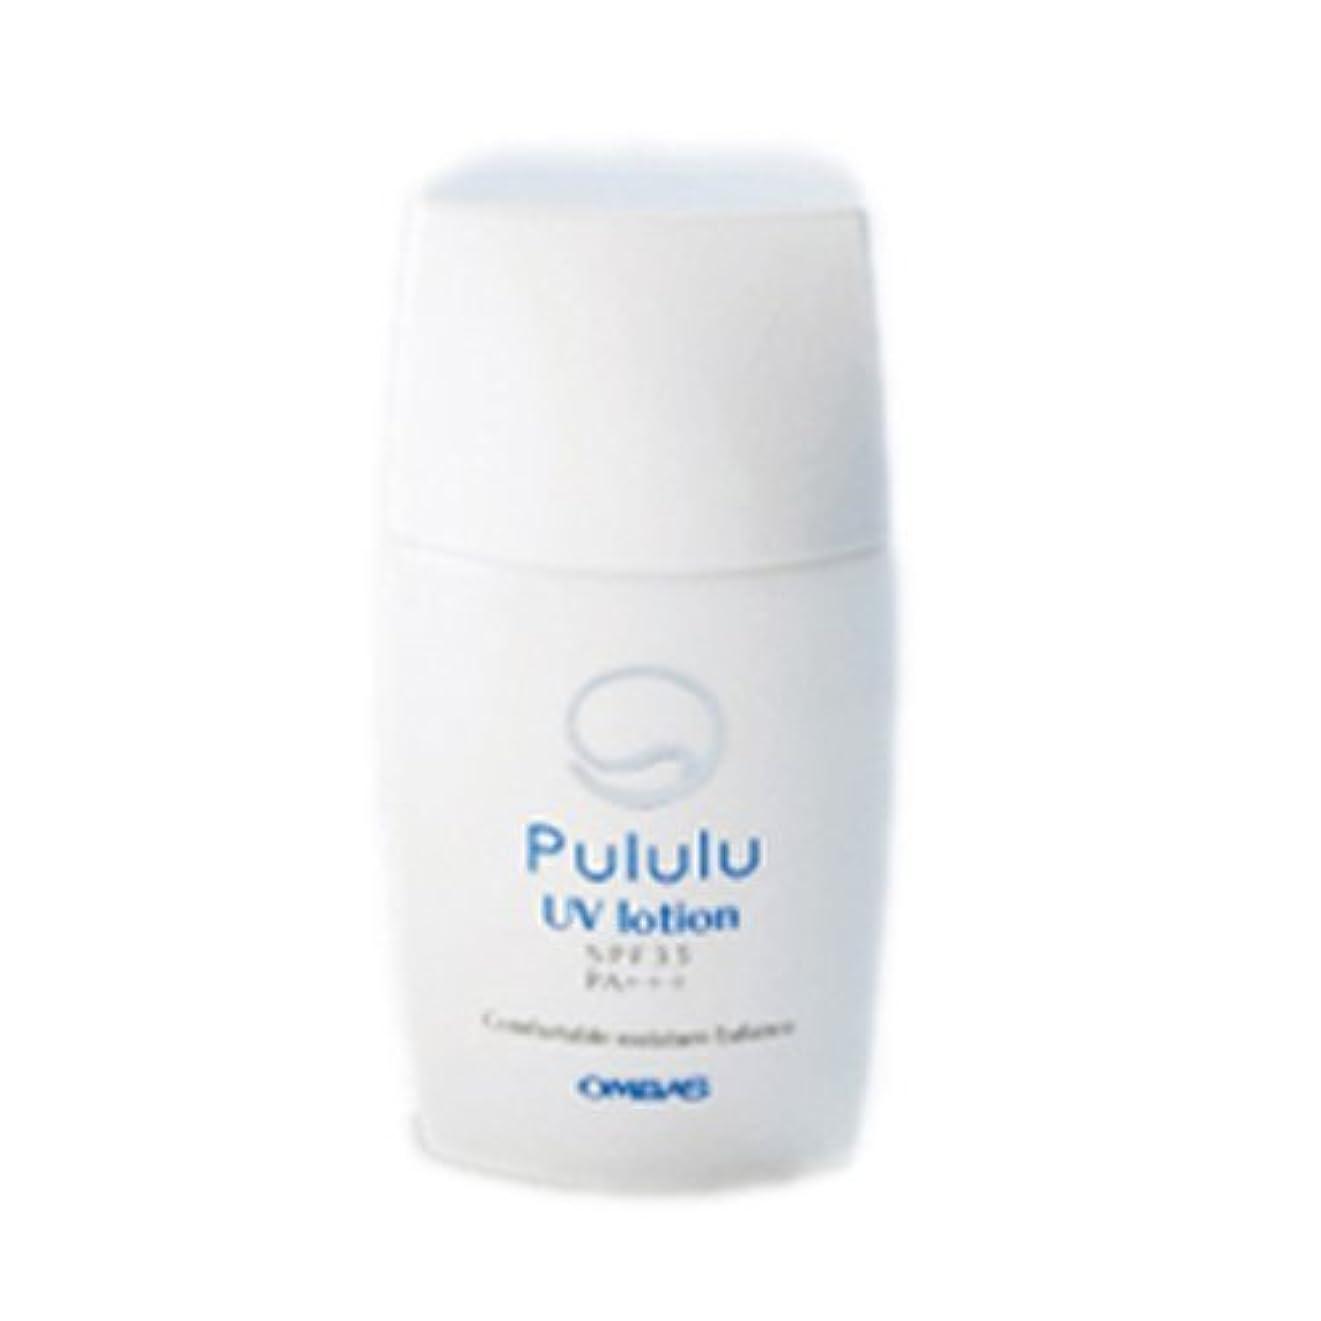 スワップウォルターカニンガム行方不明Pululu シリーズ Pululu UVローション